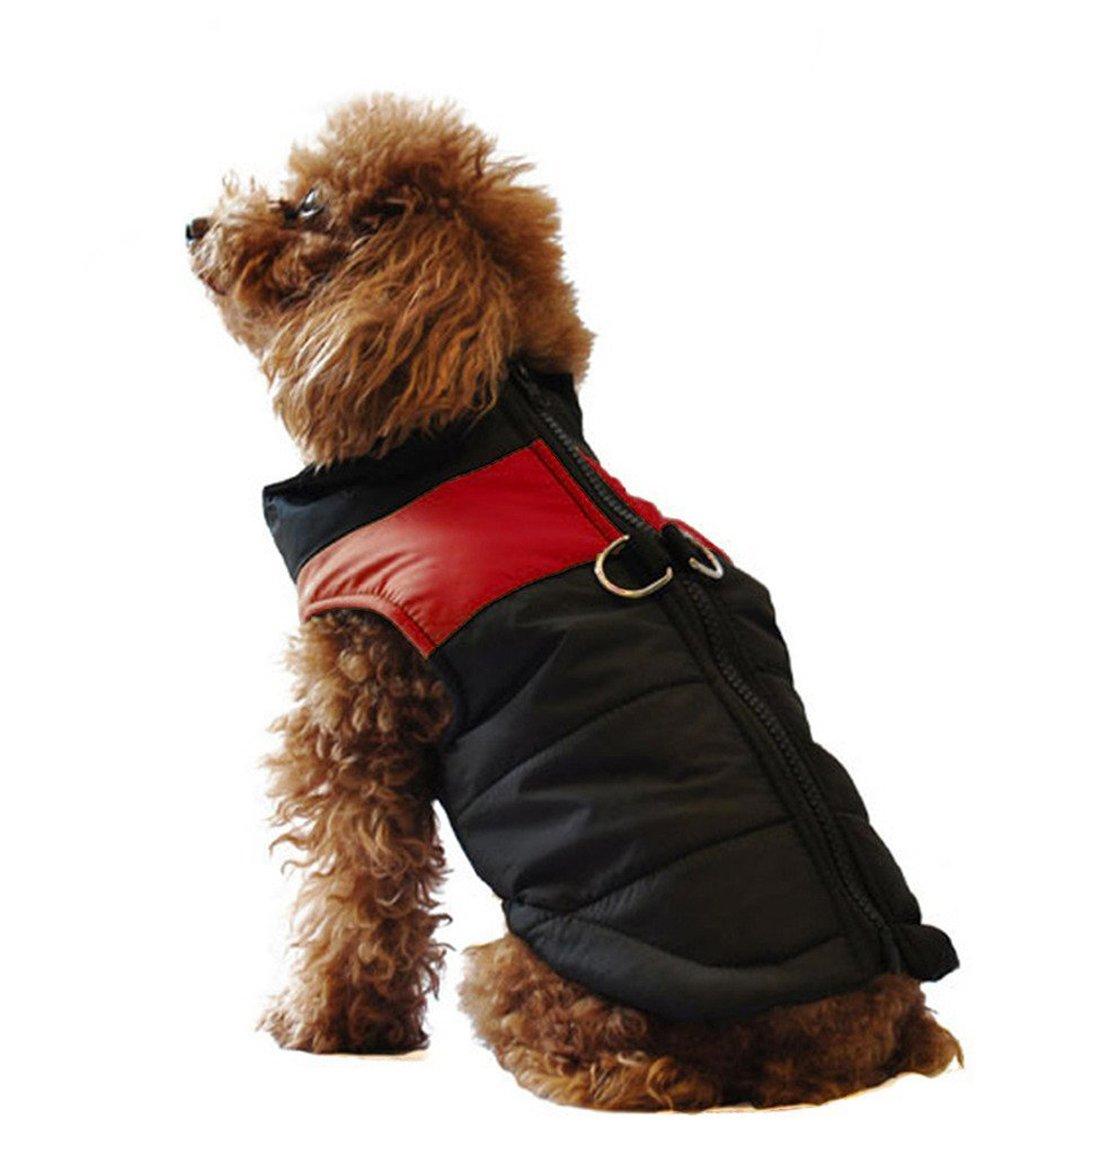 Manteaux matelassés pour animaux de compagnie Aisuper, chauds et imperméables, à fermeture éclair, pour chiens de petite, moyenne ou grande taille, chiot ou chat, en coton, bleu, rouge, vert, rose, taille S à 5XL taille S à 5XL